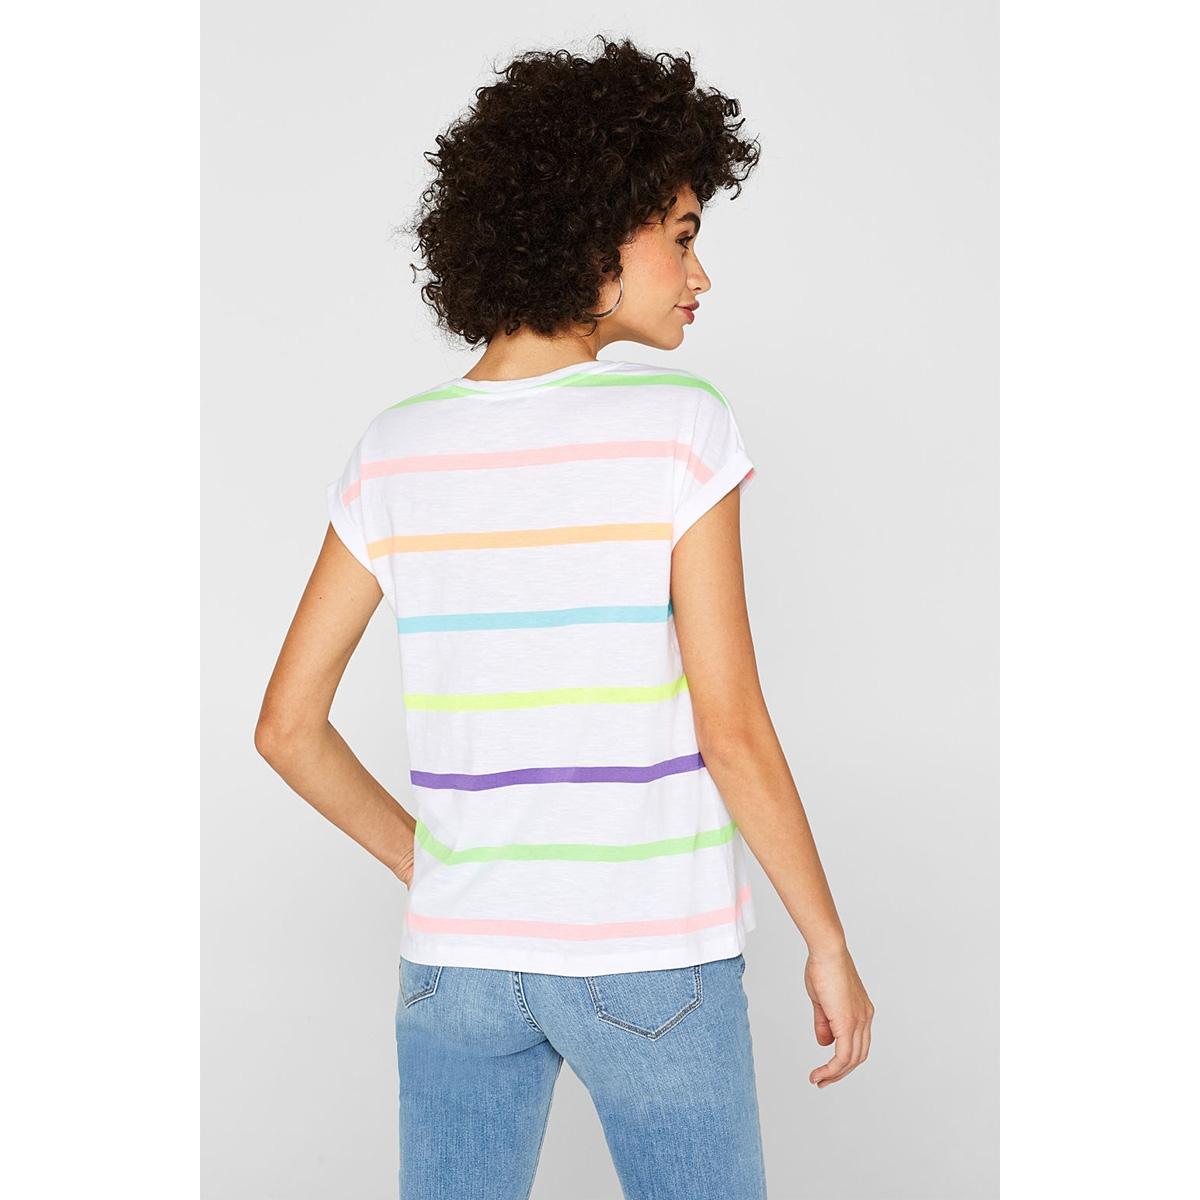 t shirt met strepen in neon look 069cc1k065 edc t-shirt c110